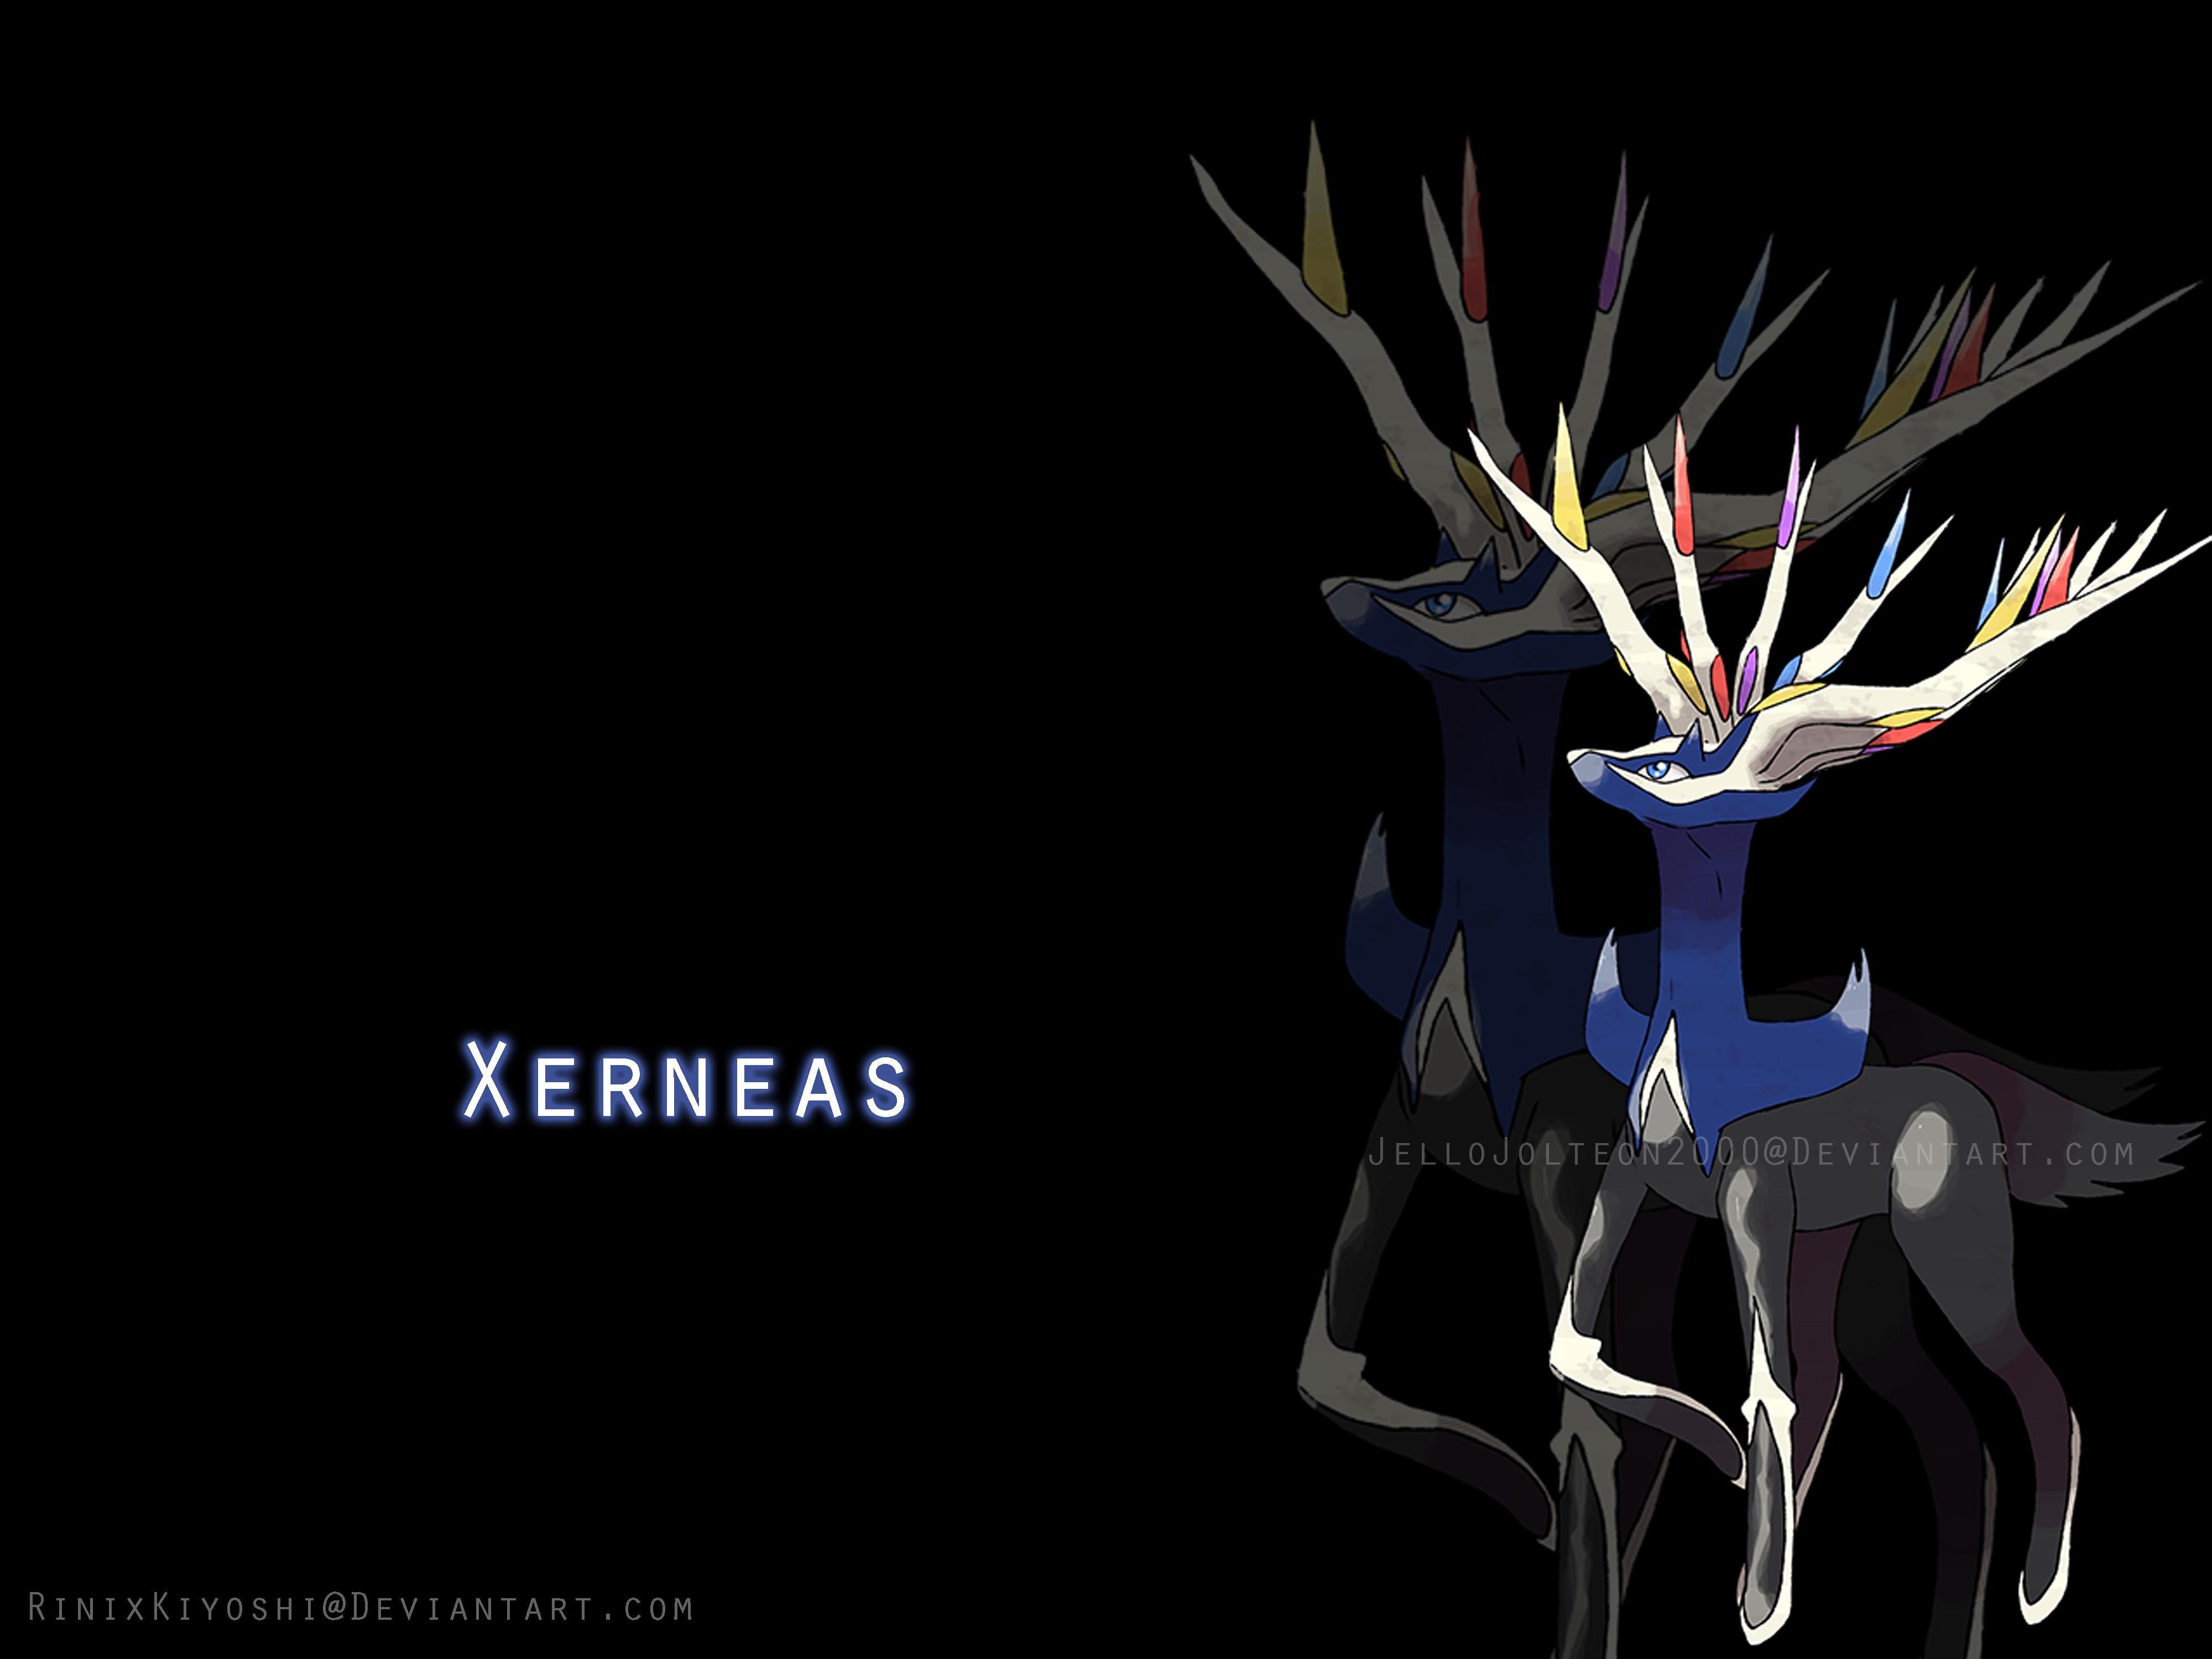 Xerneas fan art wallpaper